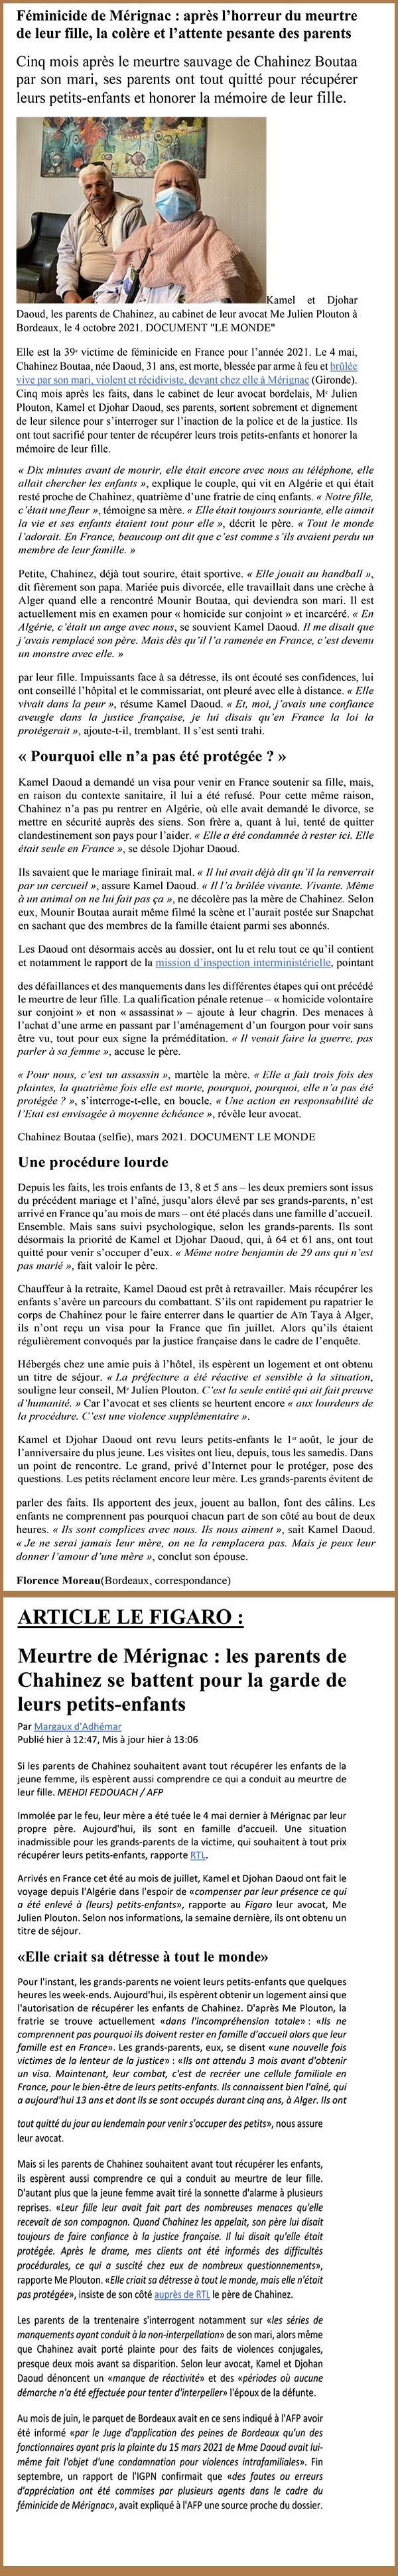 Article féminicide Mérignac - Cabinet J Plouton